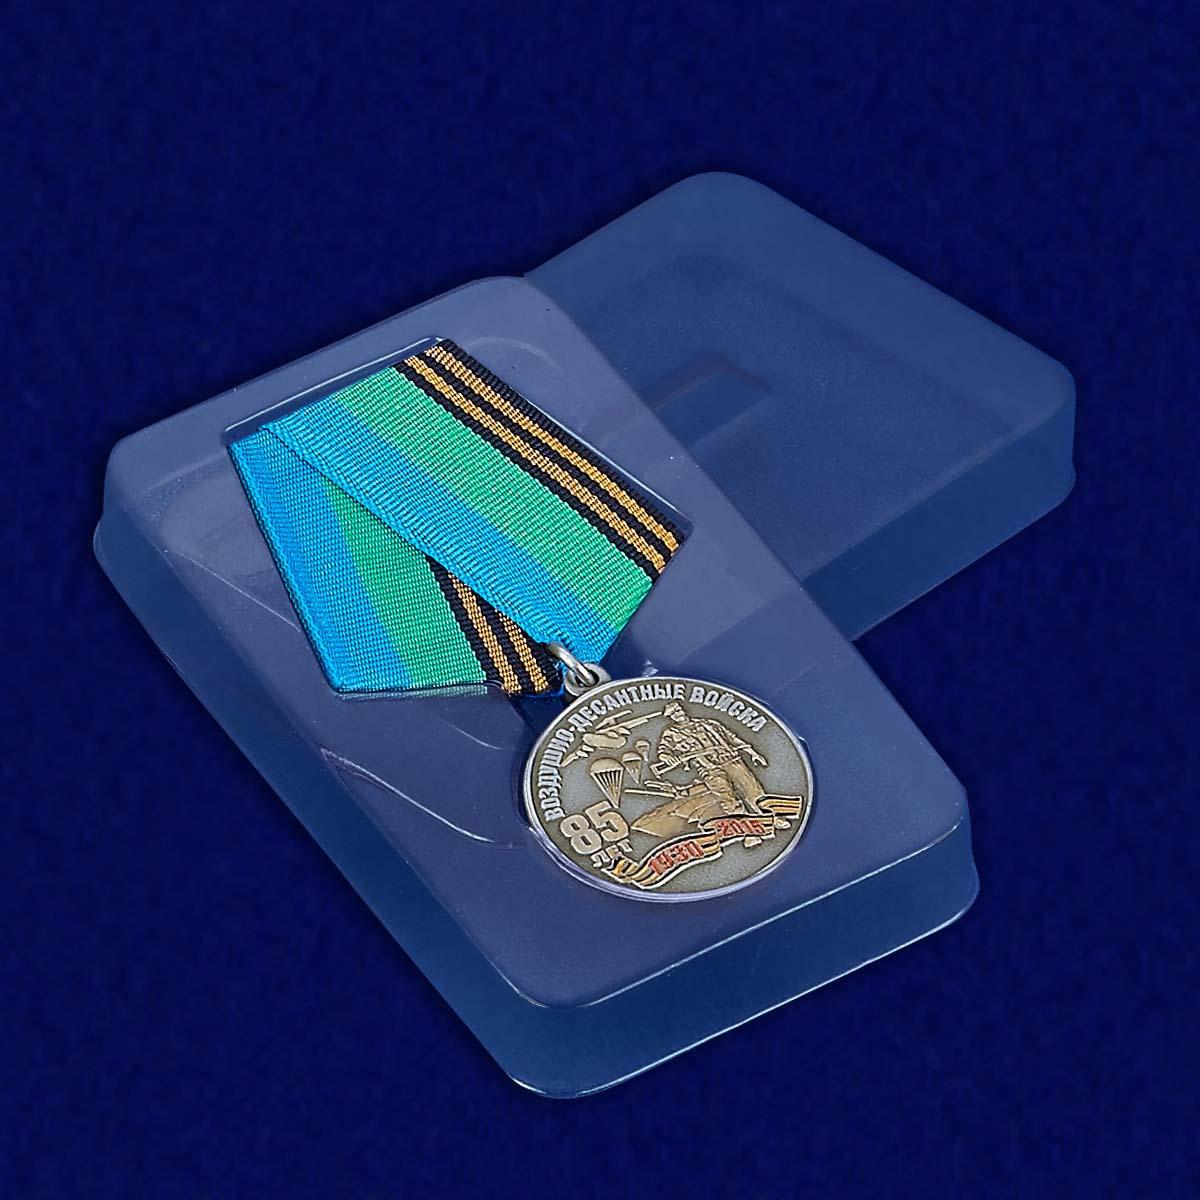 Медаль с символикой ВДВ - в пластиковом футляре